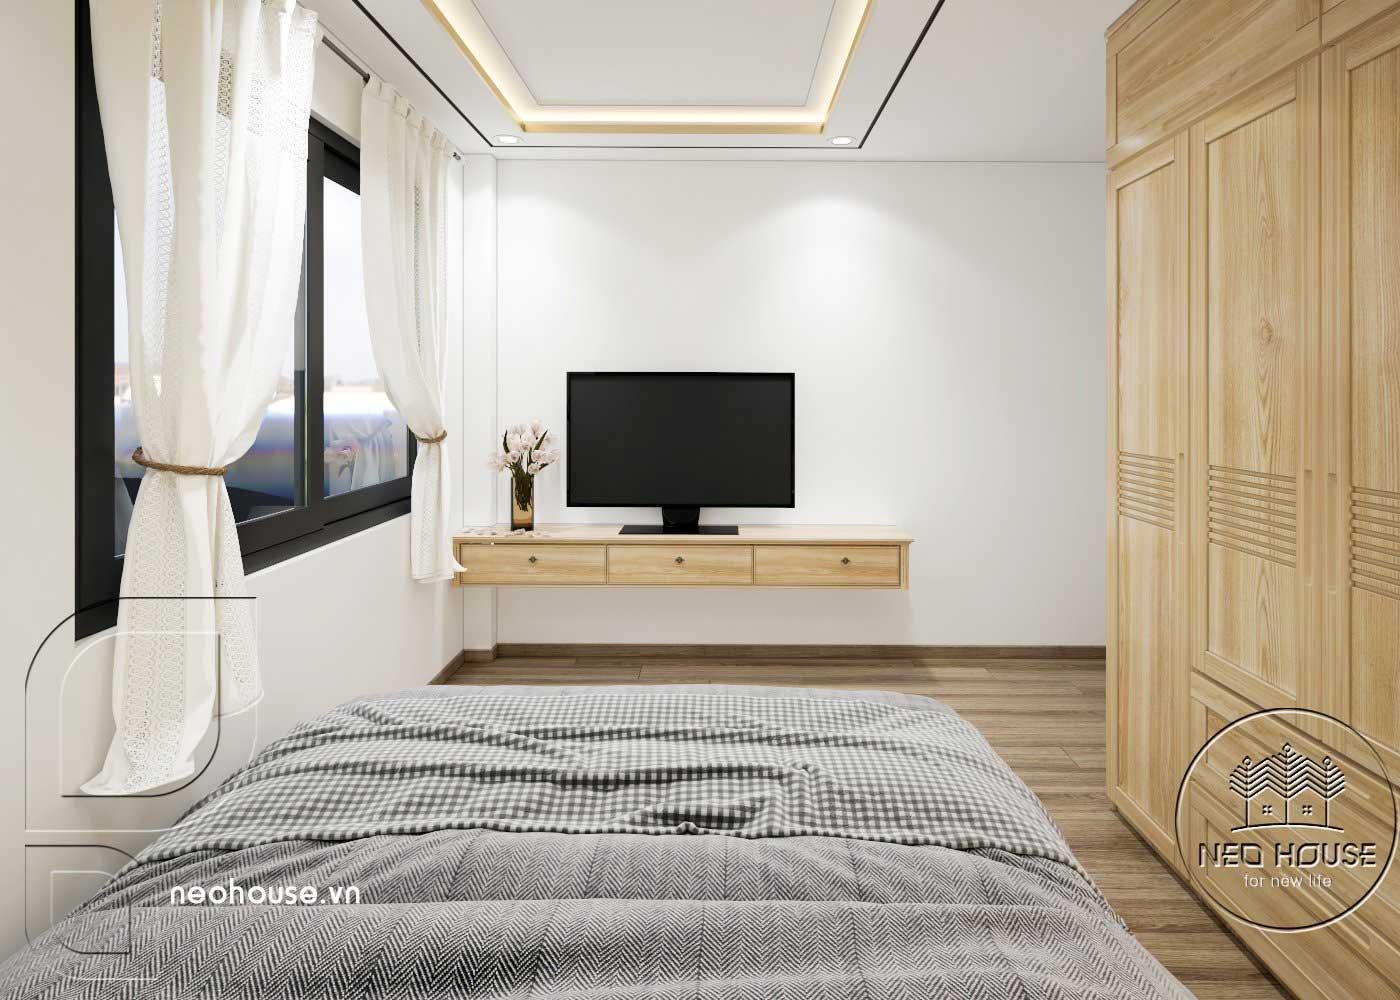 Thiết kế thi công cải tạo nhà phố 3 tầng với không gian nội thất phòng ngủ 04. Ảnh 2